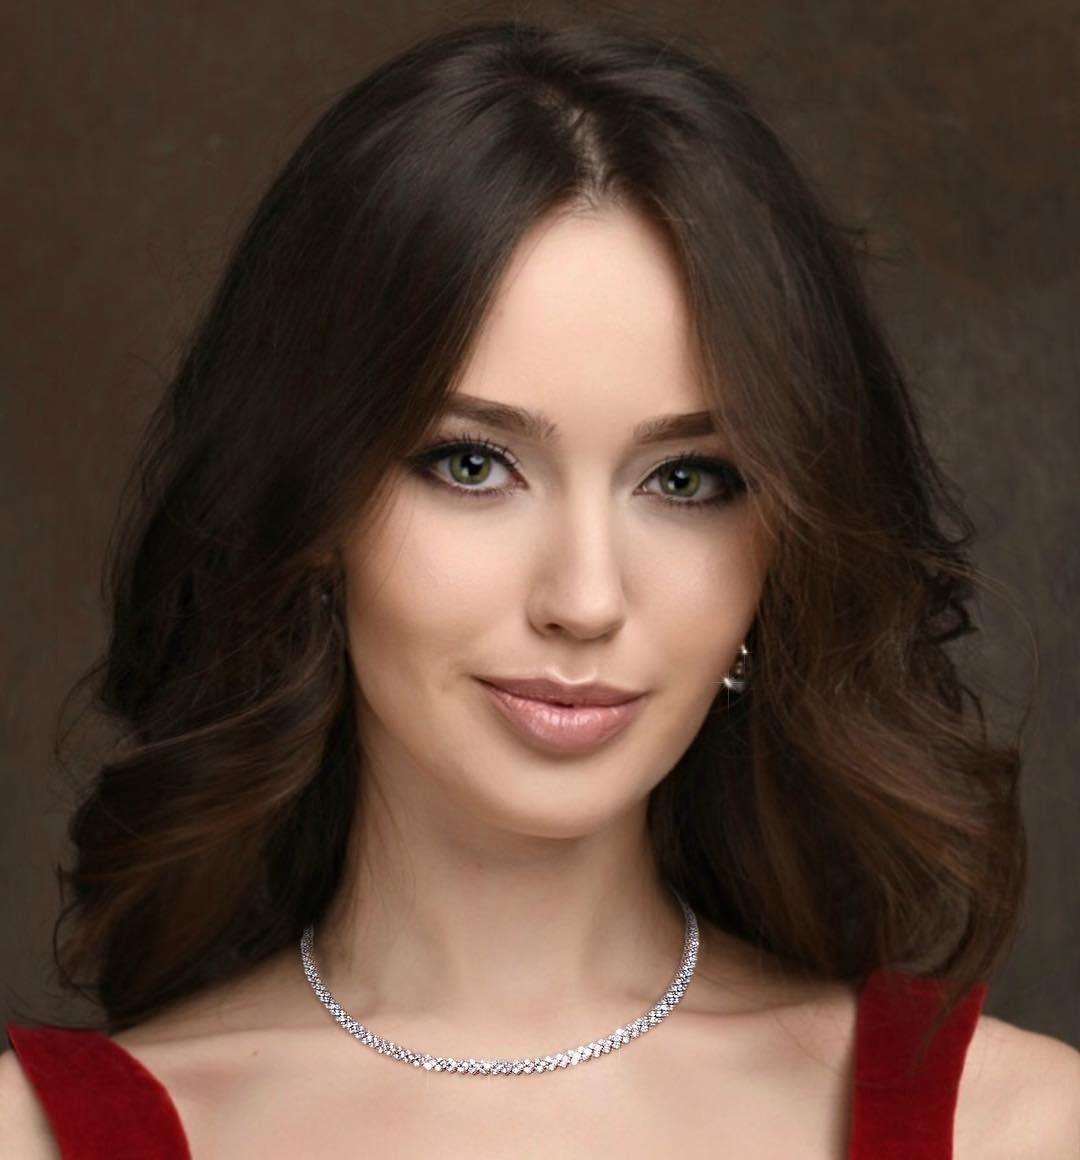 У Анастасии Костенко дала инструкцию, как бороться с выпадением волос после родов